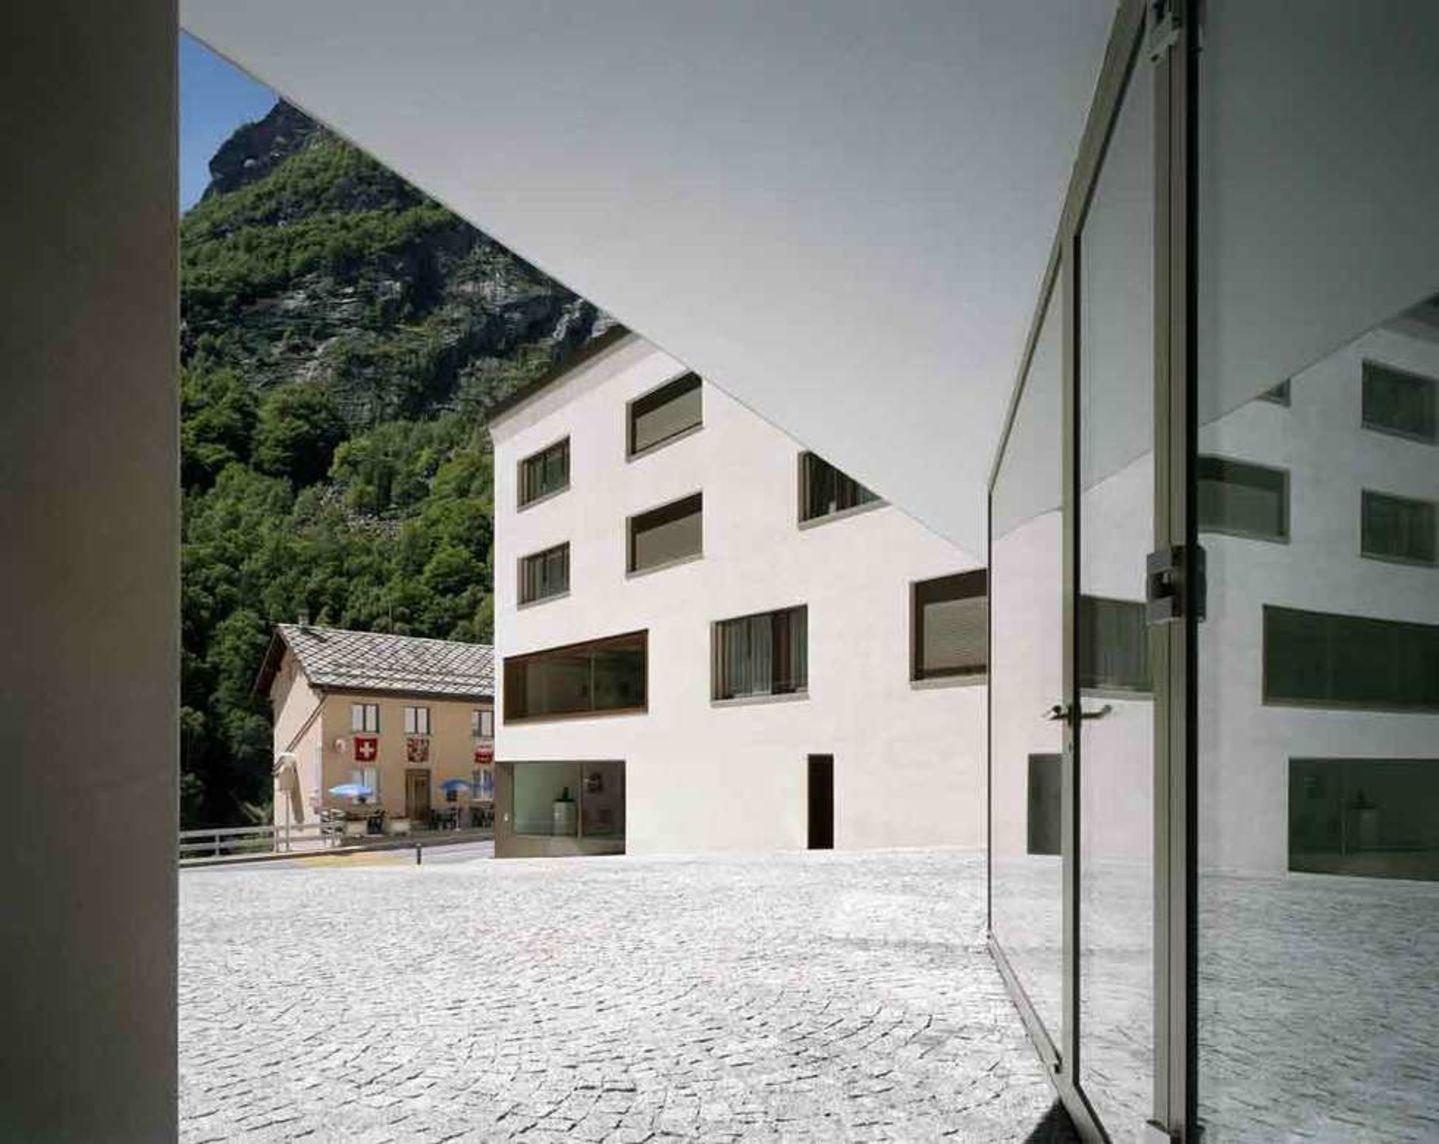 Durrer Linggi Architekten · Wiederaufbau Gemeinde Gondo · Divisare